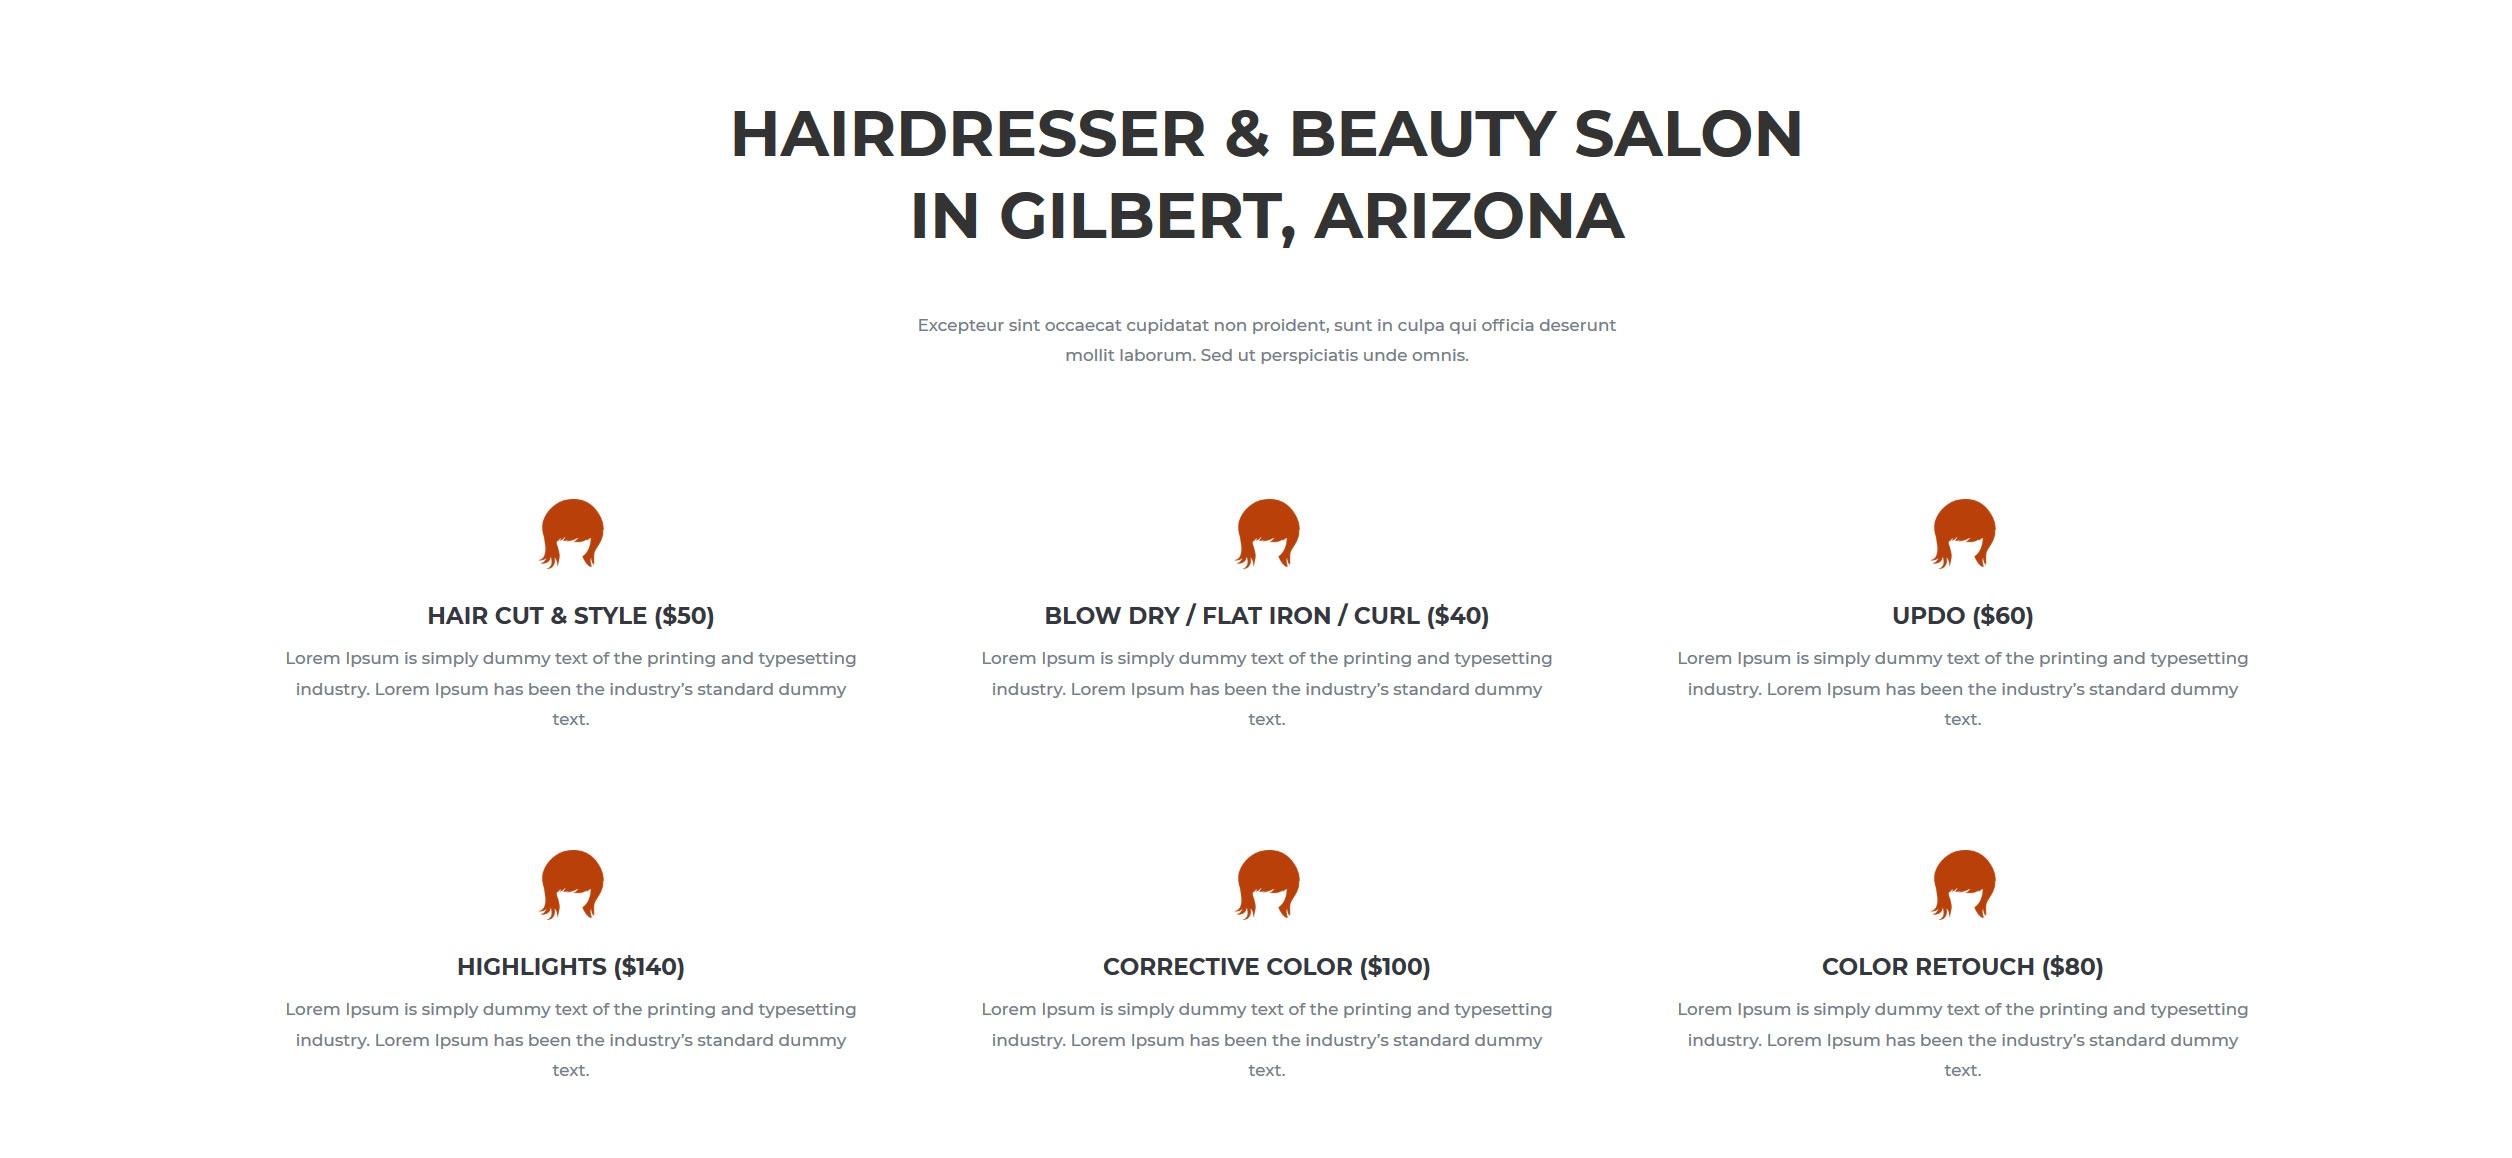 Website for Hairdressers v1 - Services